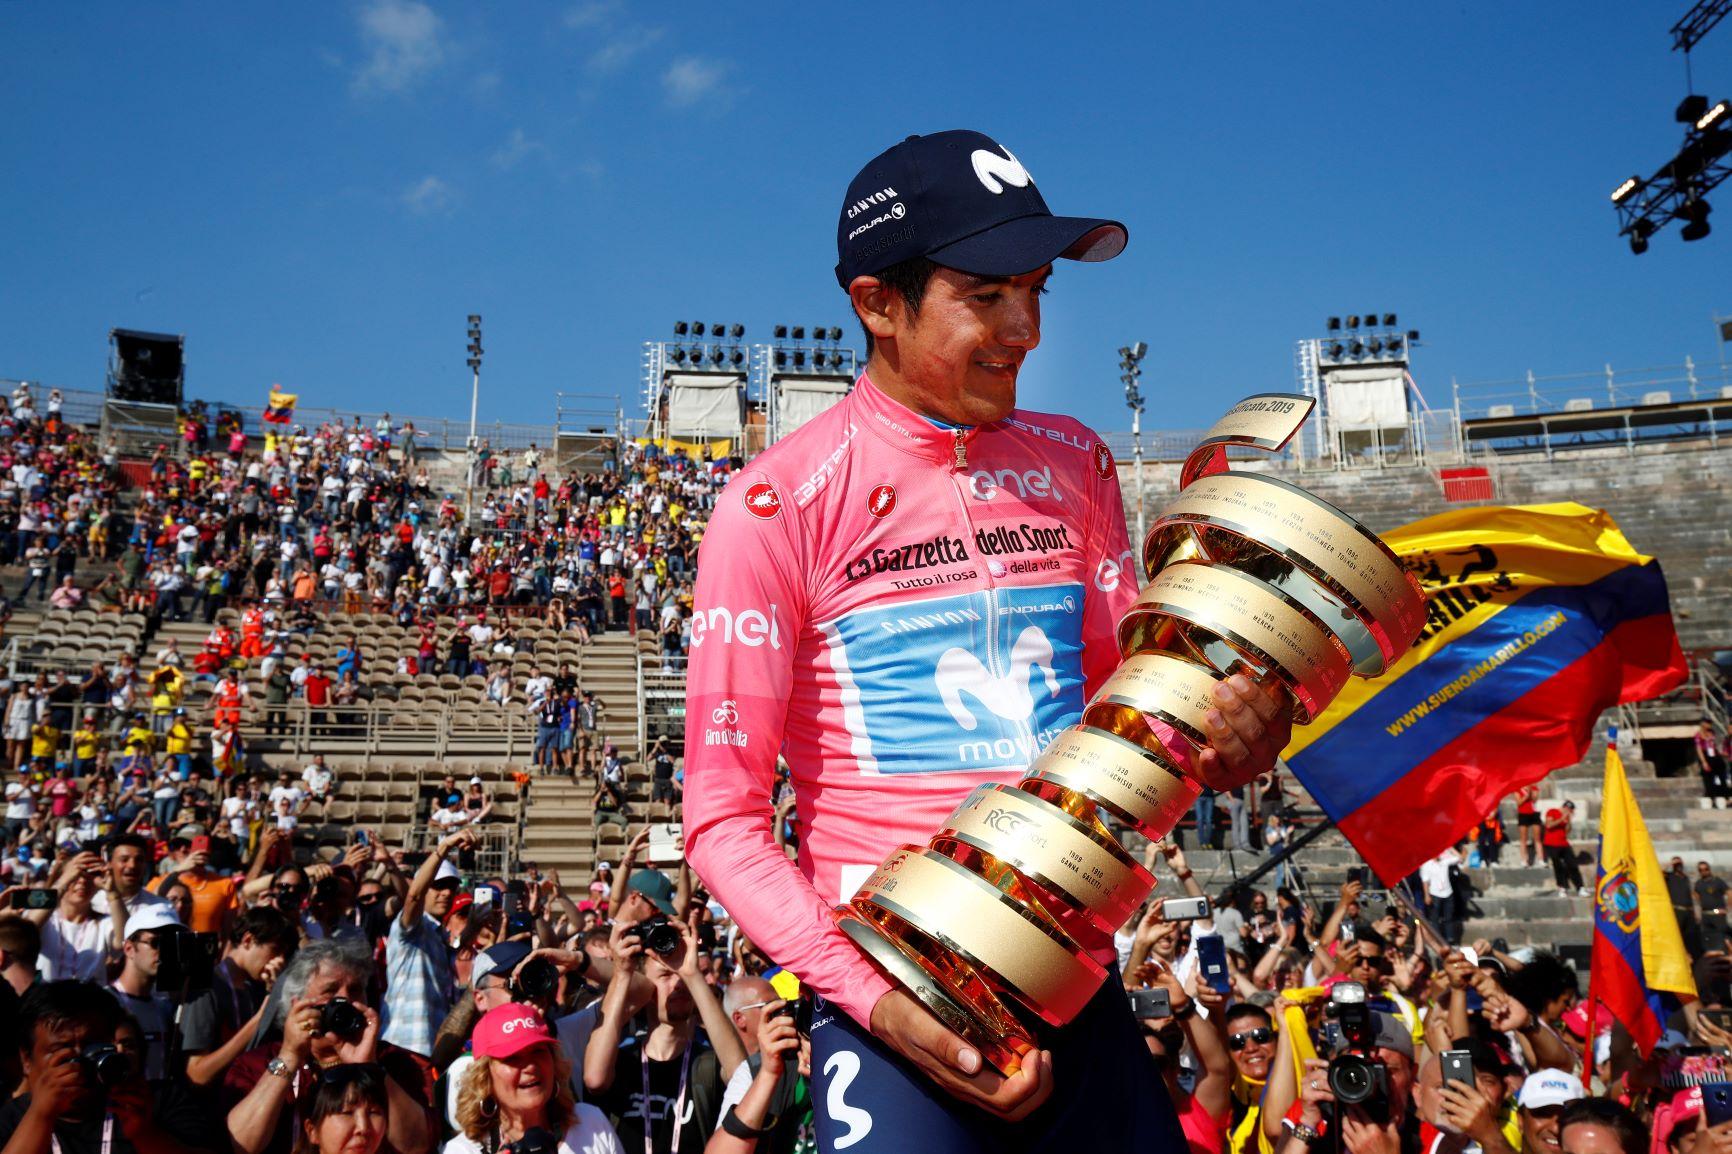 Richard Carapaz campeón del Giro de Italia; 'Superman' López terminó séptimo